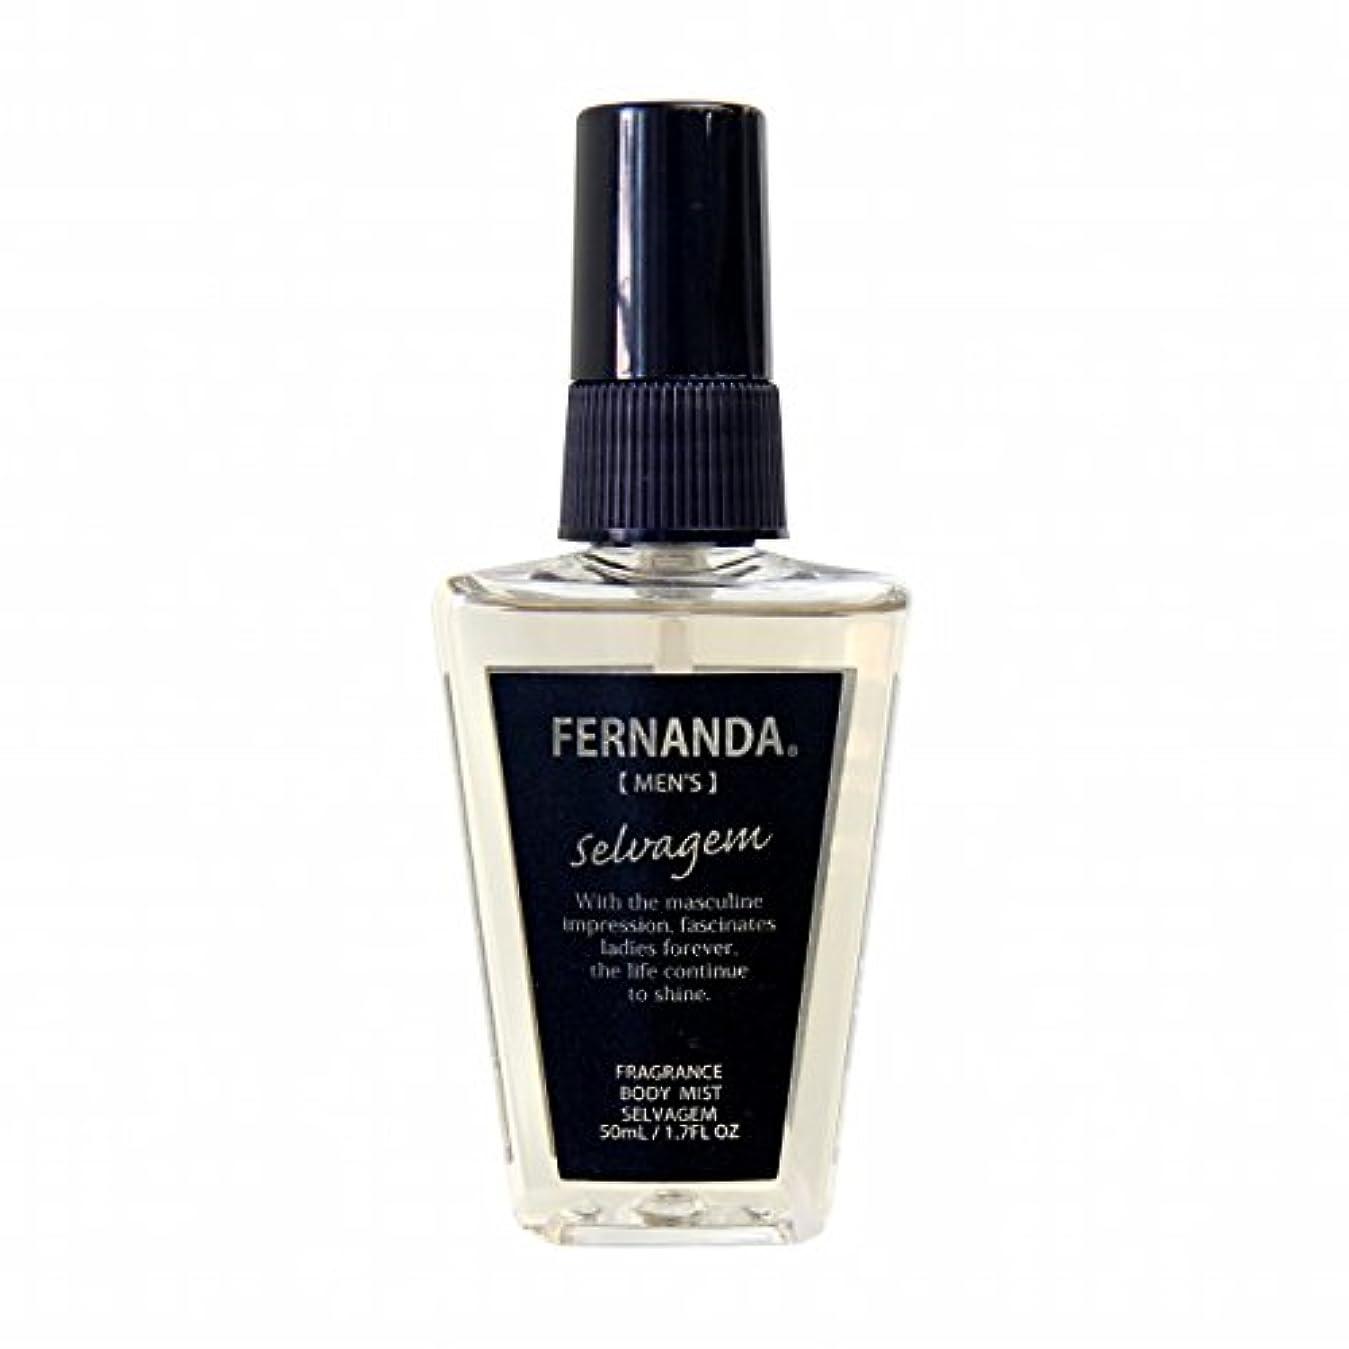 日没することになっている集団的FERNANDA(フェルナンダ) Body Mist For MEN Selvagem (ボディミスト フォーメン セルヴァジェン)